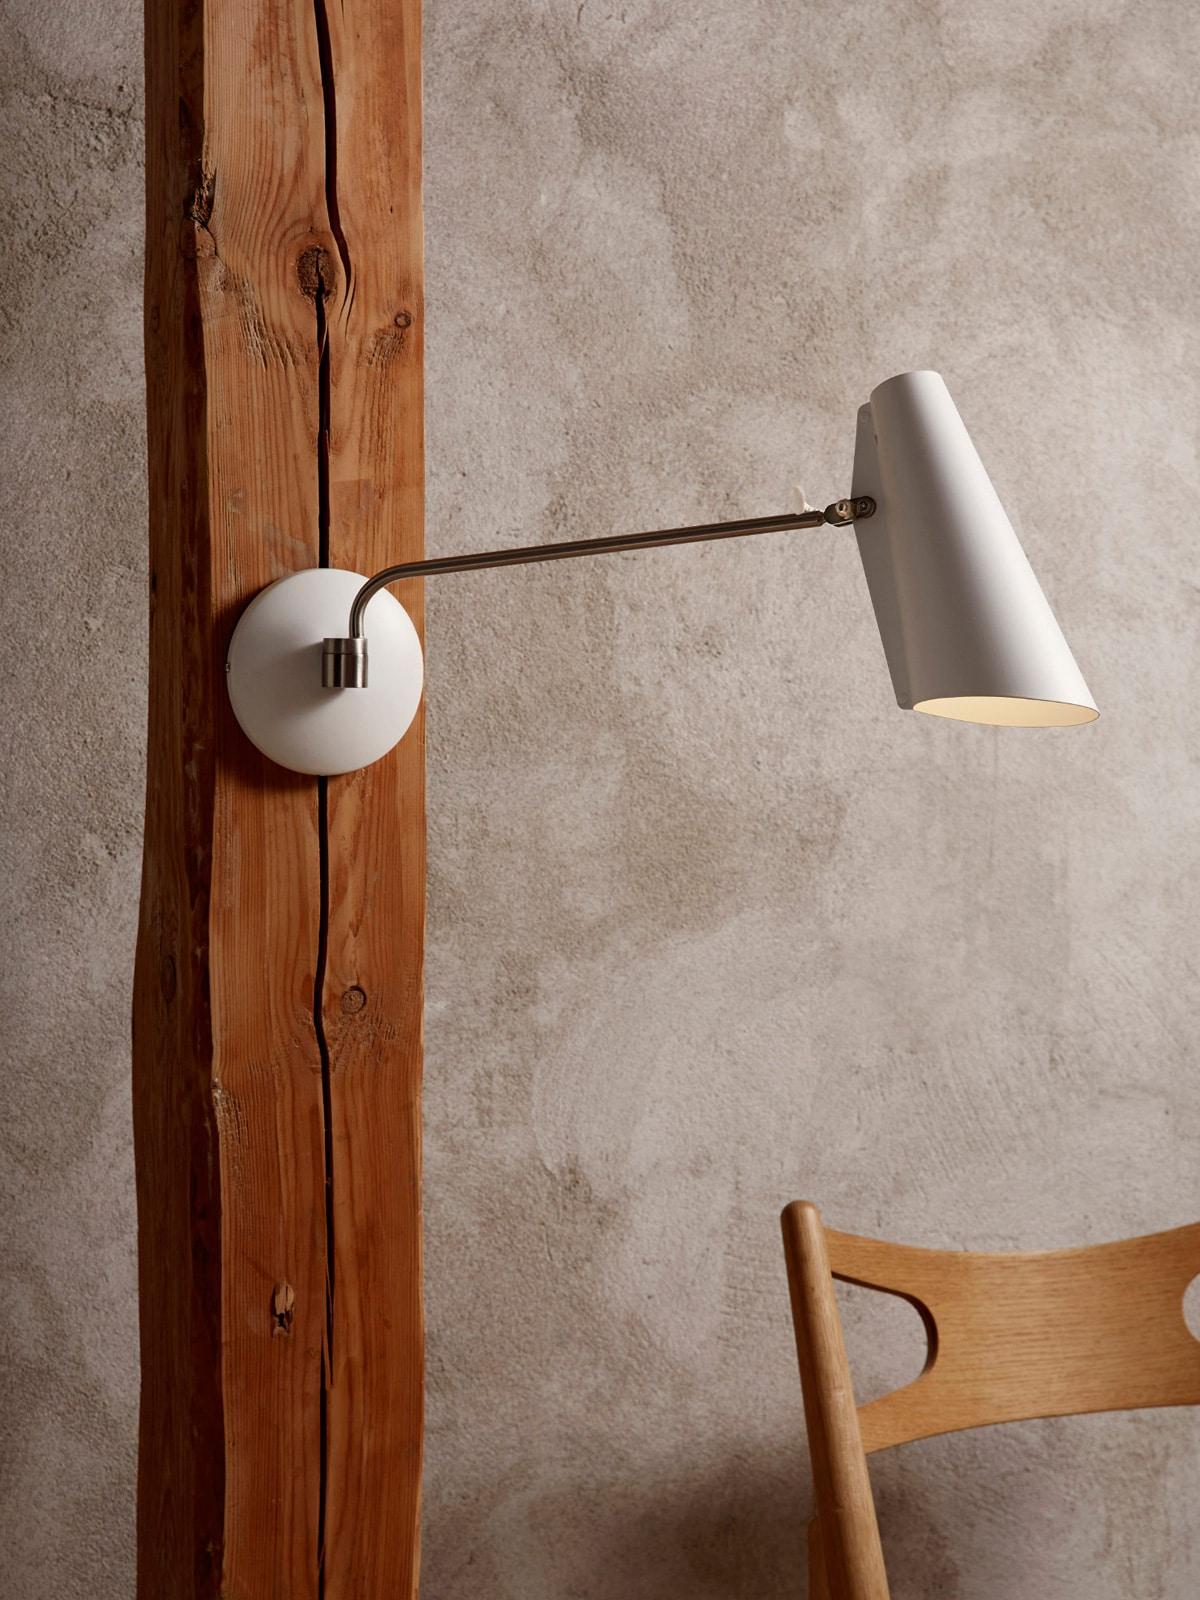 Birdy Wandleuchte mit langem Arm Northern DesignOrt Lampen Onlineshop Berlin